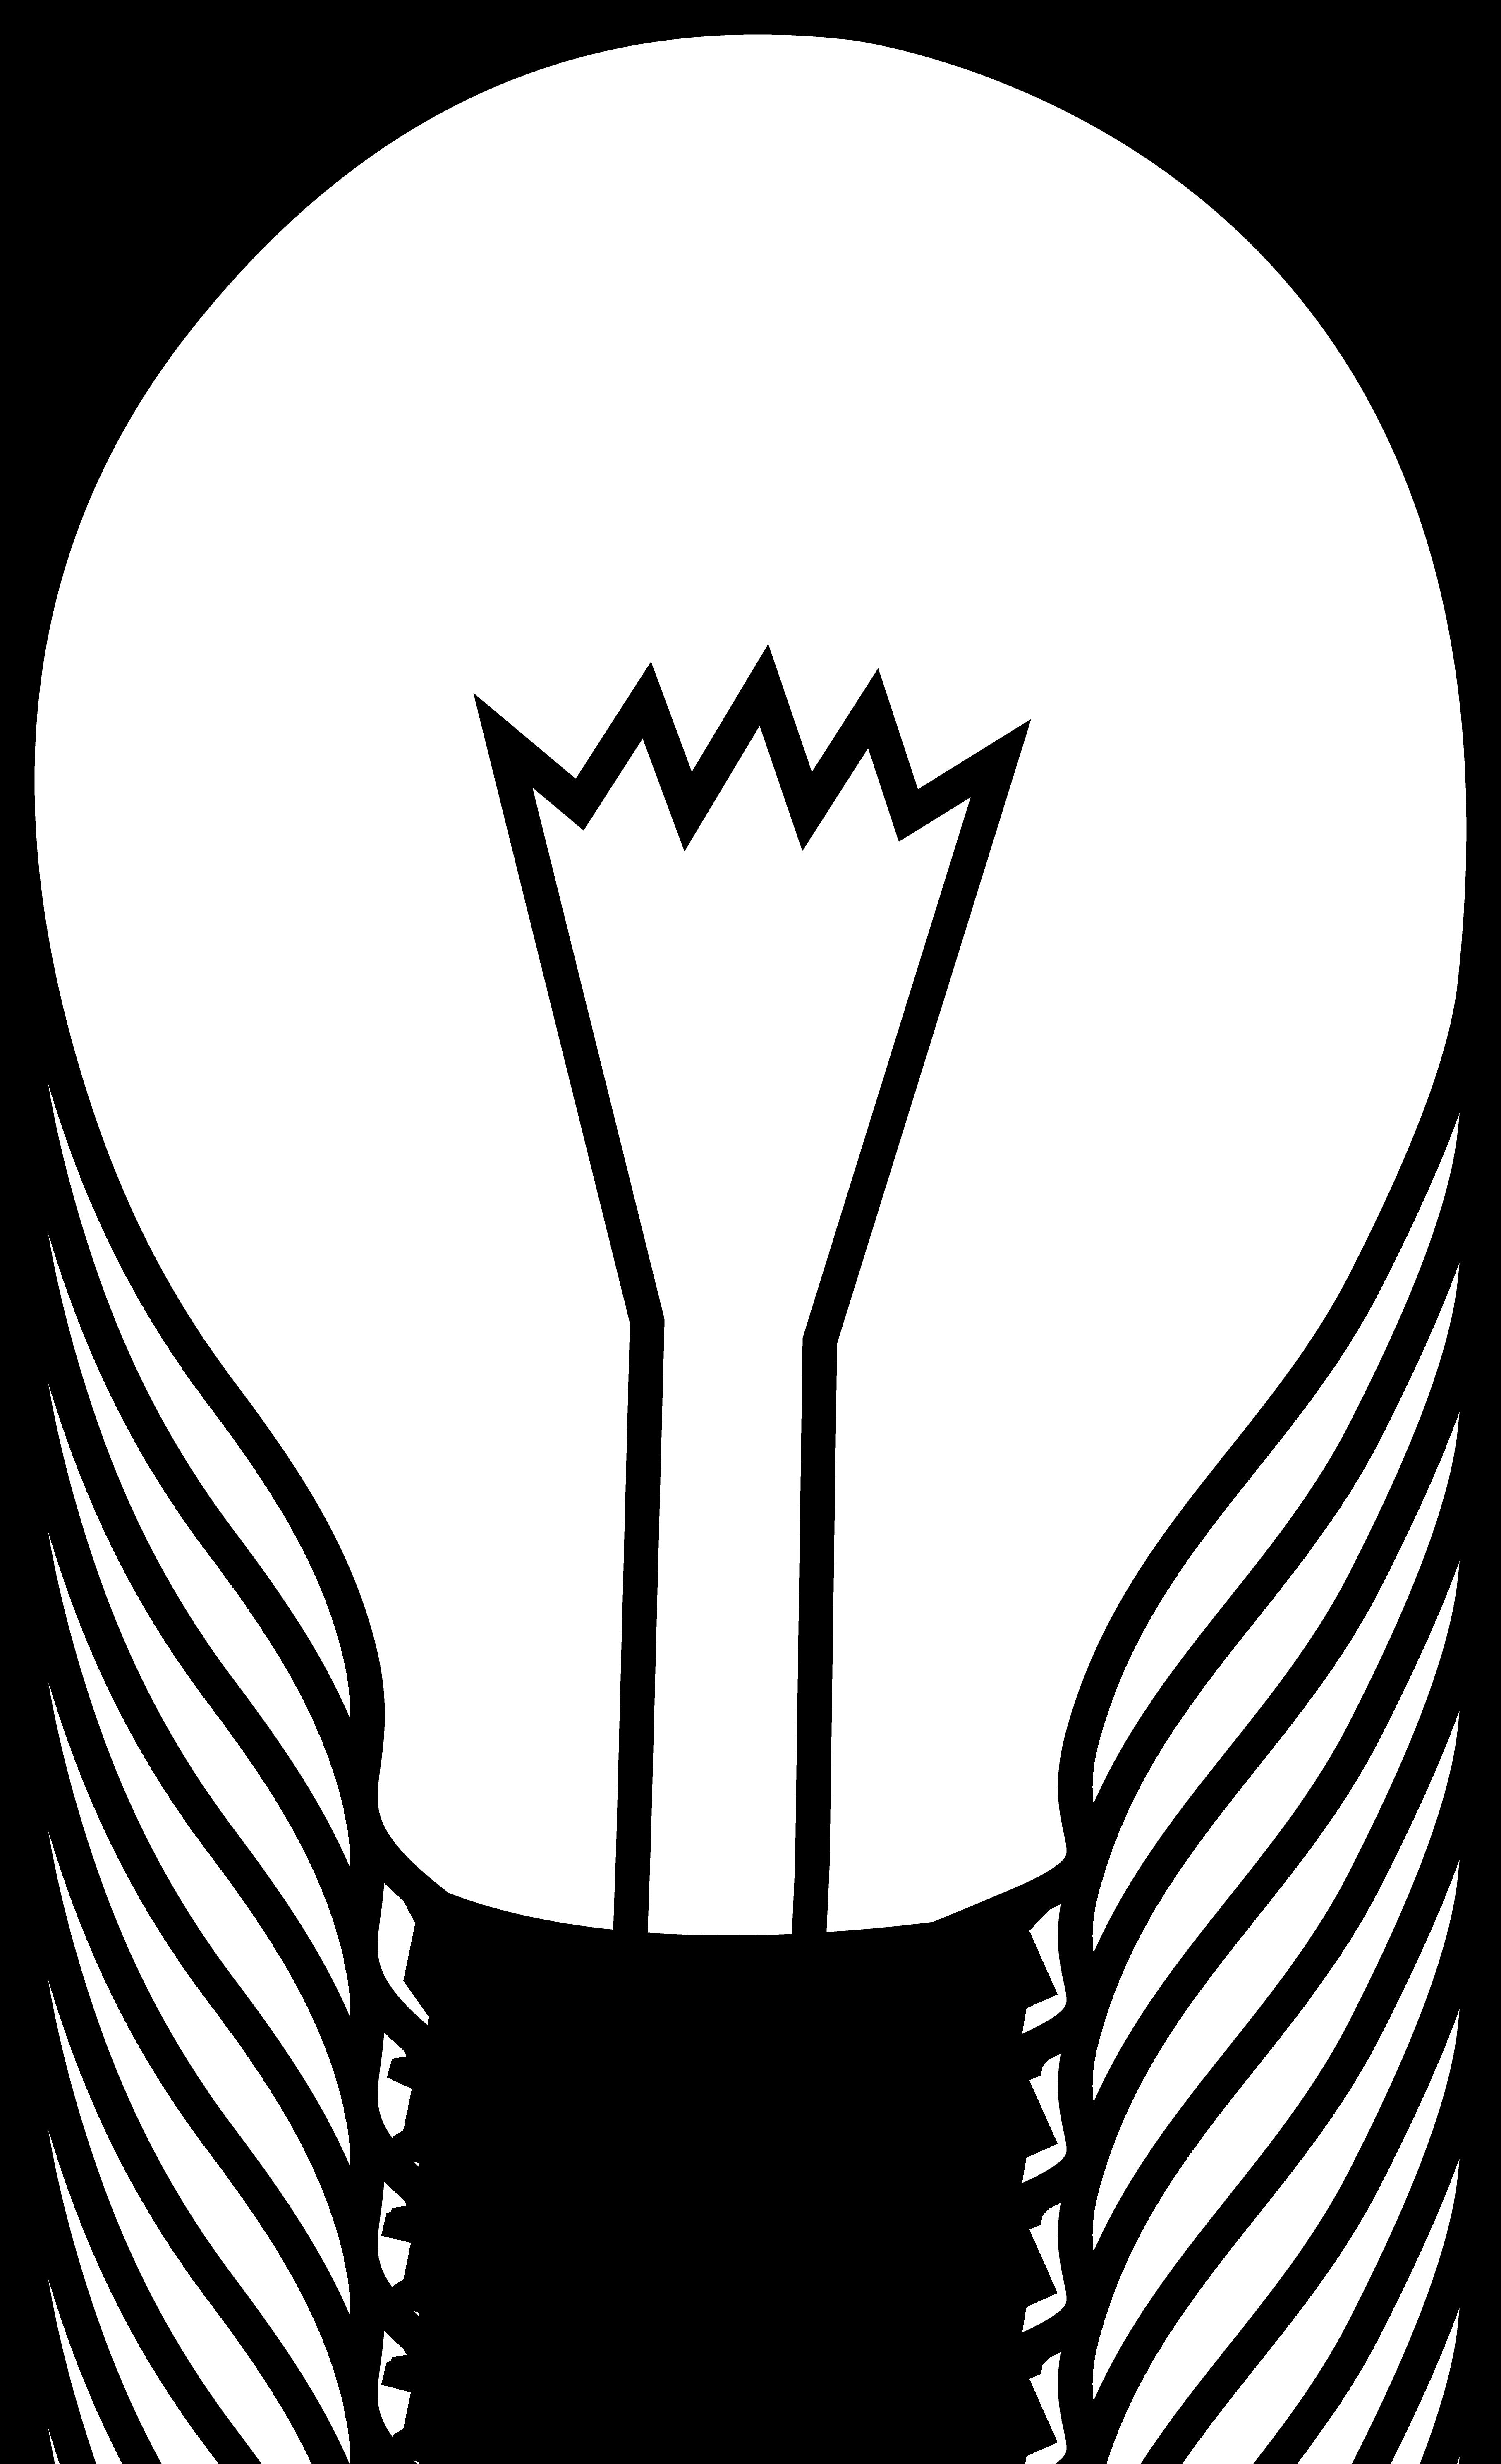 3629x5957 Light Bulb Idea Clip Art Free Clipart Images 2